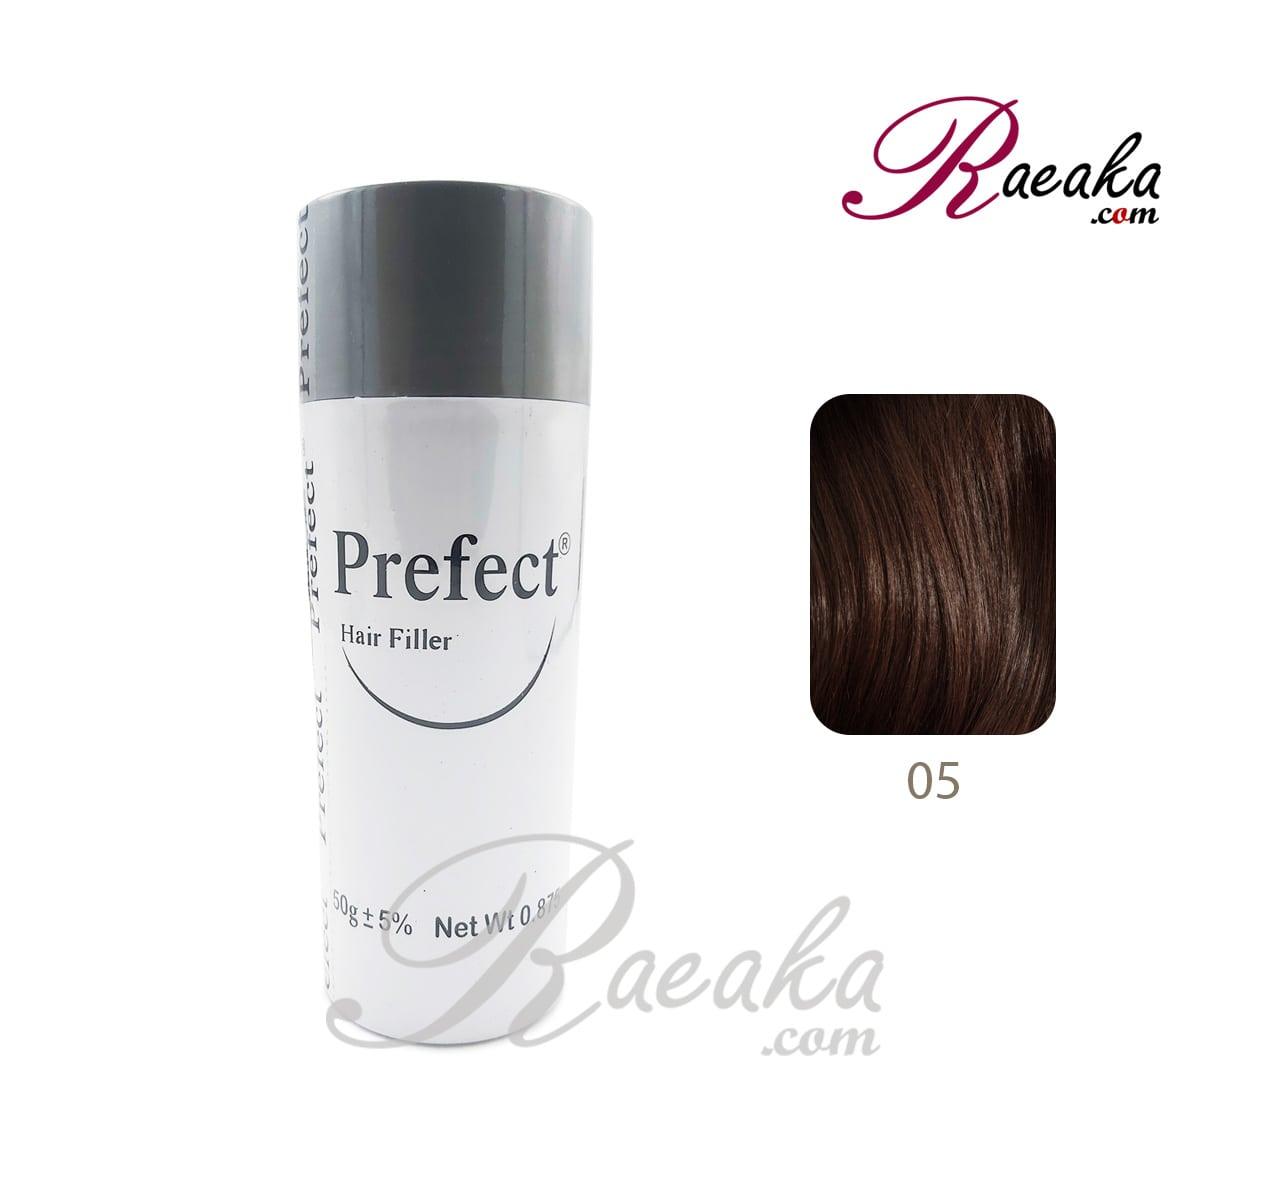 پودر پرپشت کننده مو پرفکت کد 05 - قهوه ای متوسط (Medium Brown) وزن خالص 50 گرم